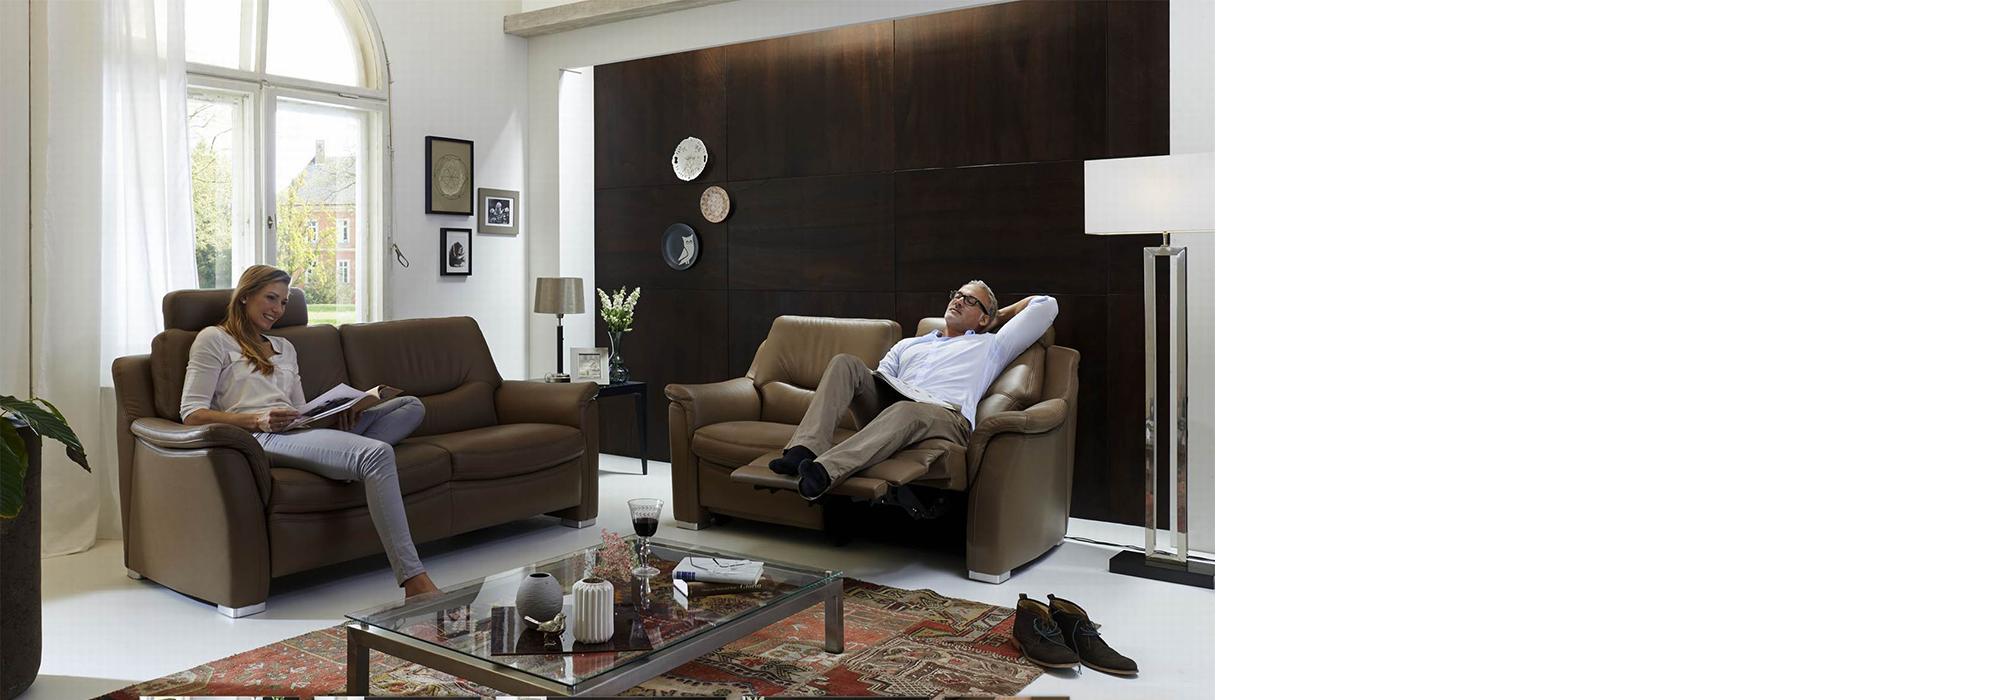 meubles eustache fabricant de mobilier choisy le roi